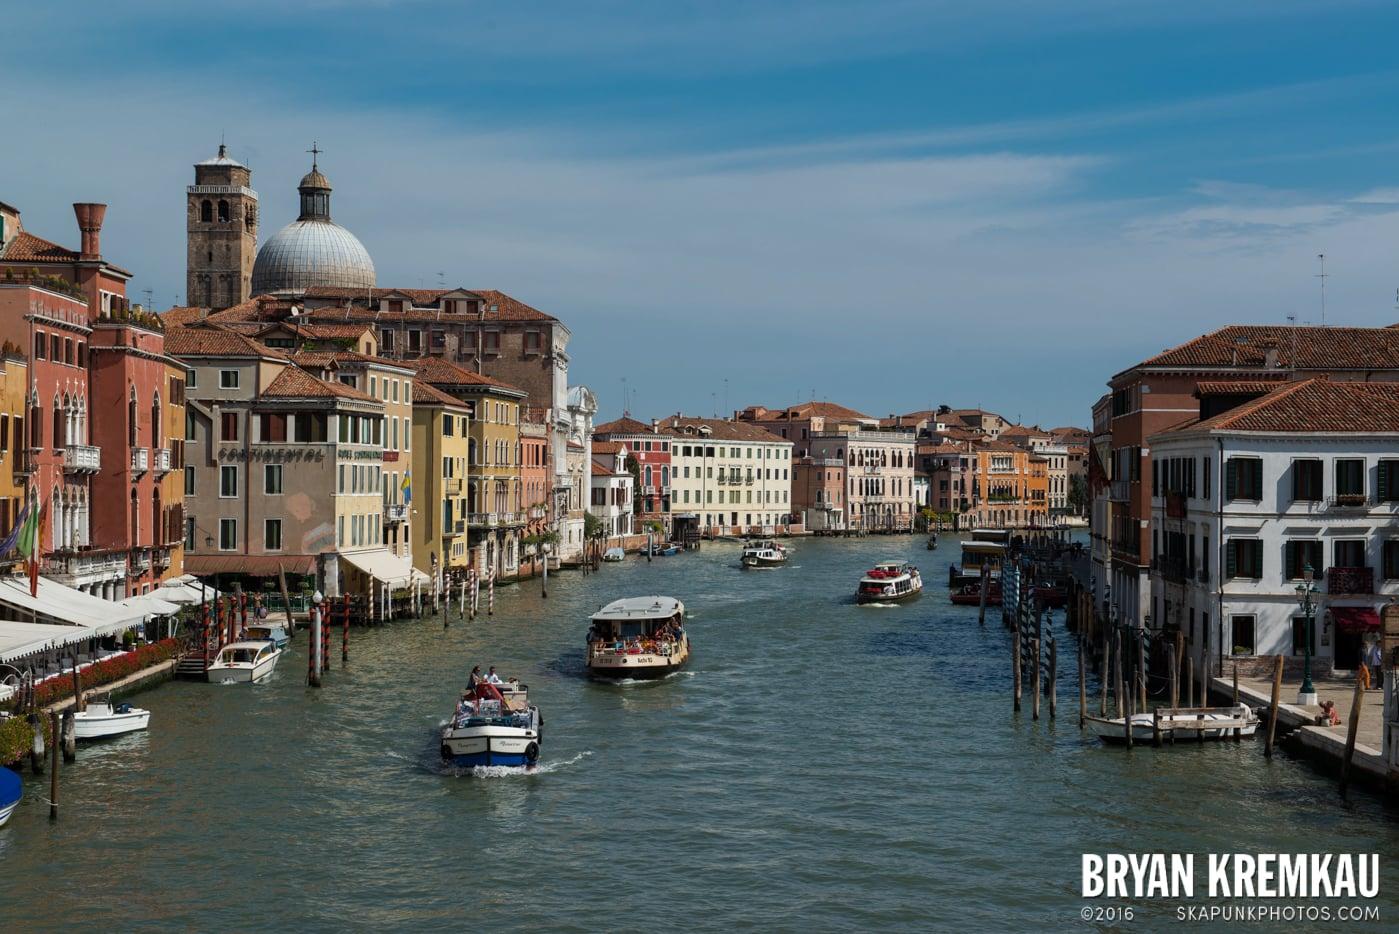 Italy Vacation - Day 5: Venice - 9.13.13 (55)